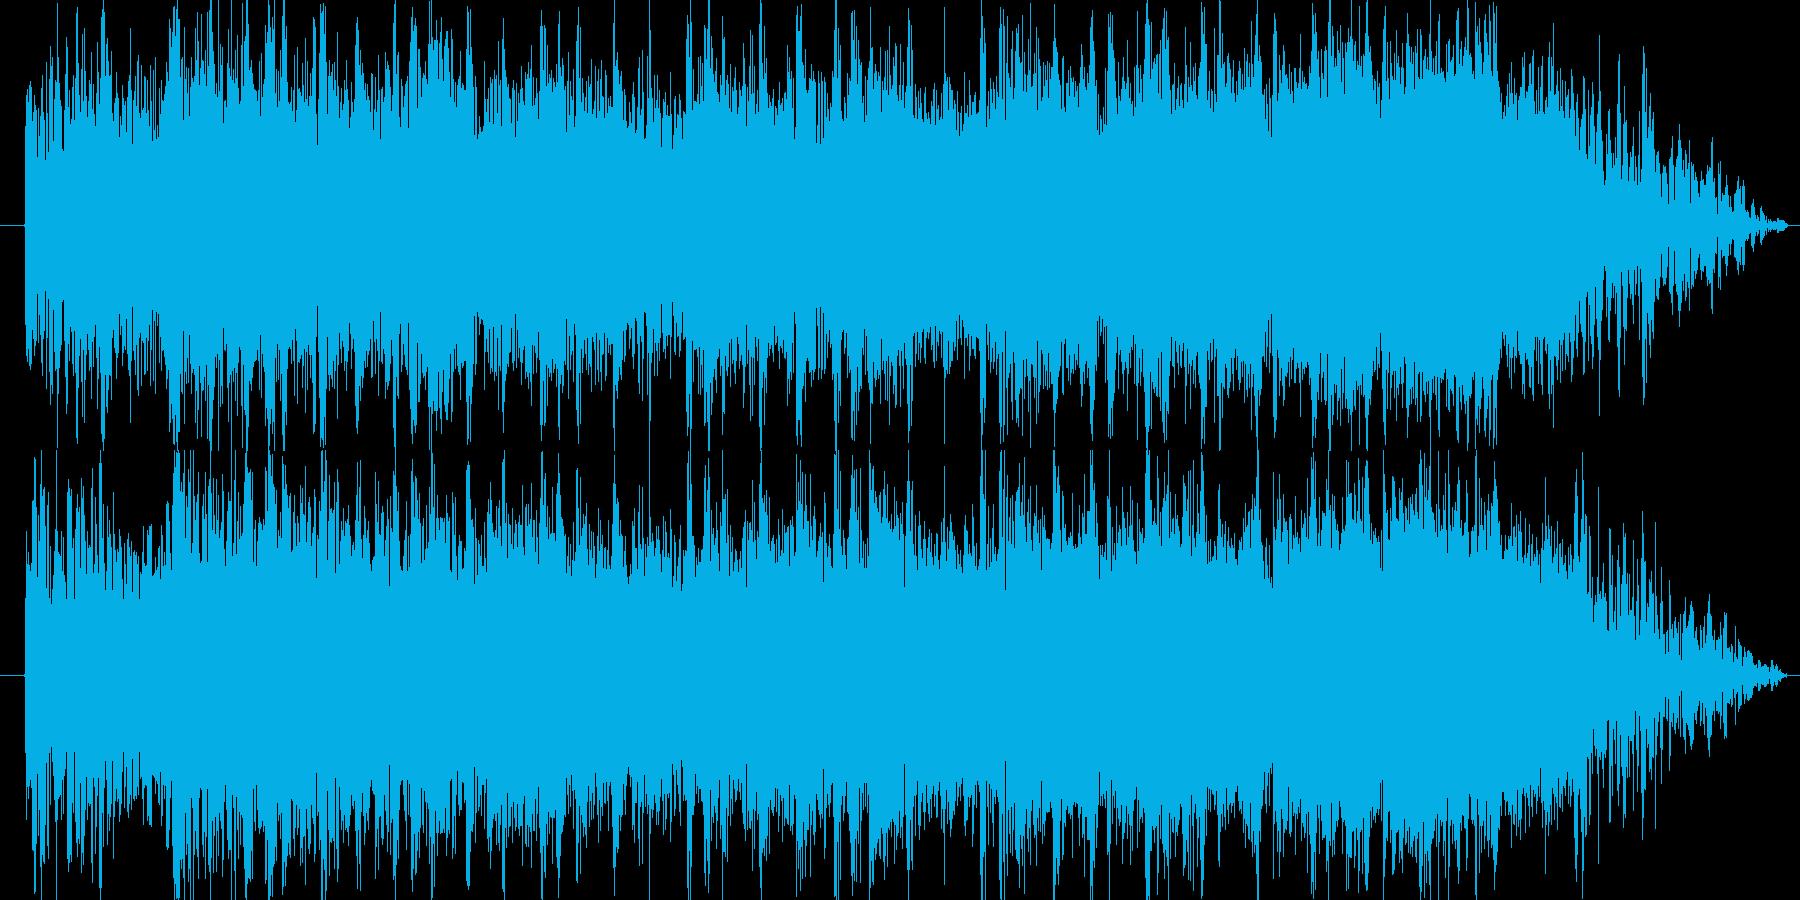 ロック系ビートを基調にした登場系ジングルの再生済みの波形